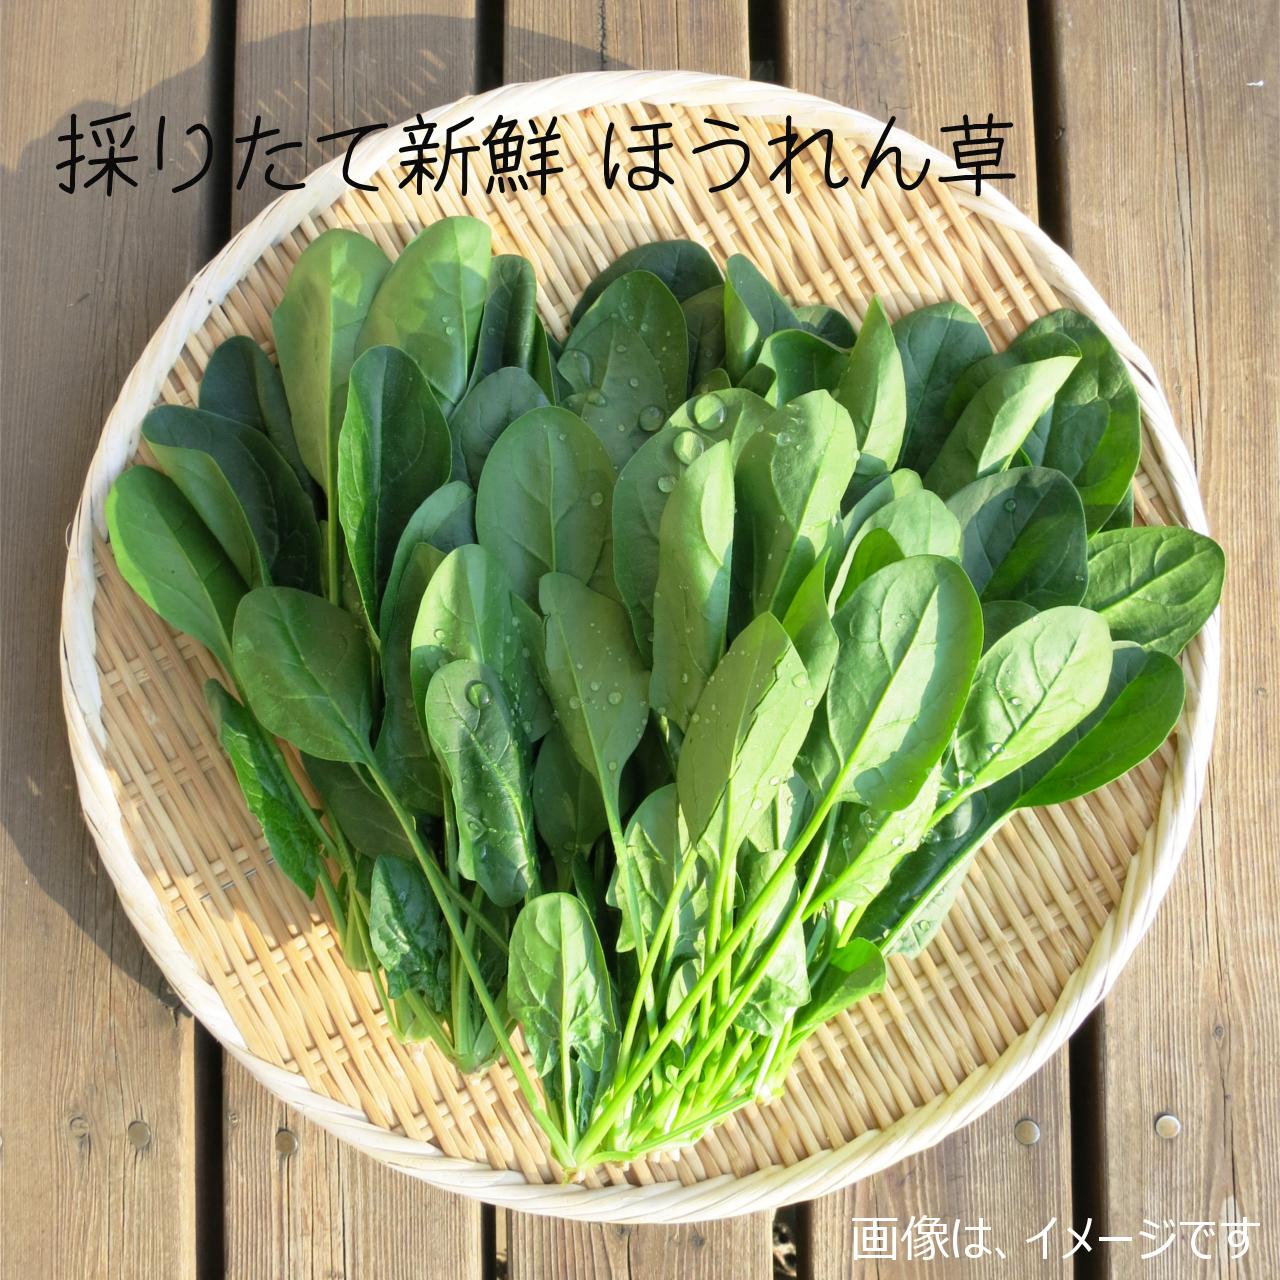 10月の朝採り直売野菜 : ホウレンソウ 約200g 新鮮な秋野菜 10月26日発送予定